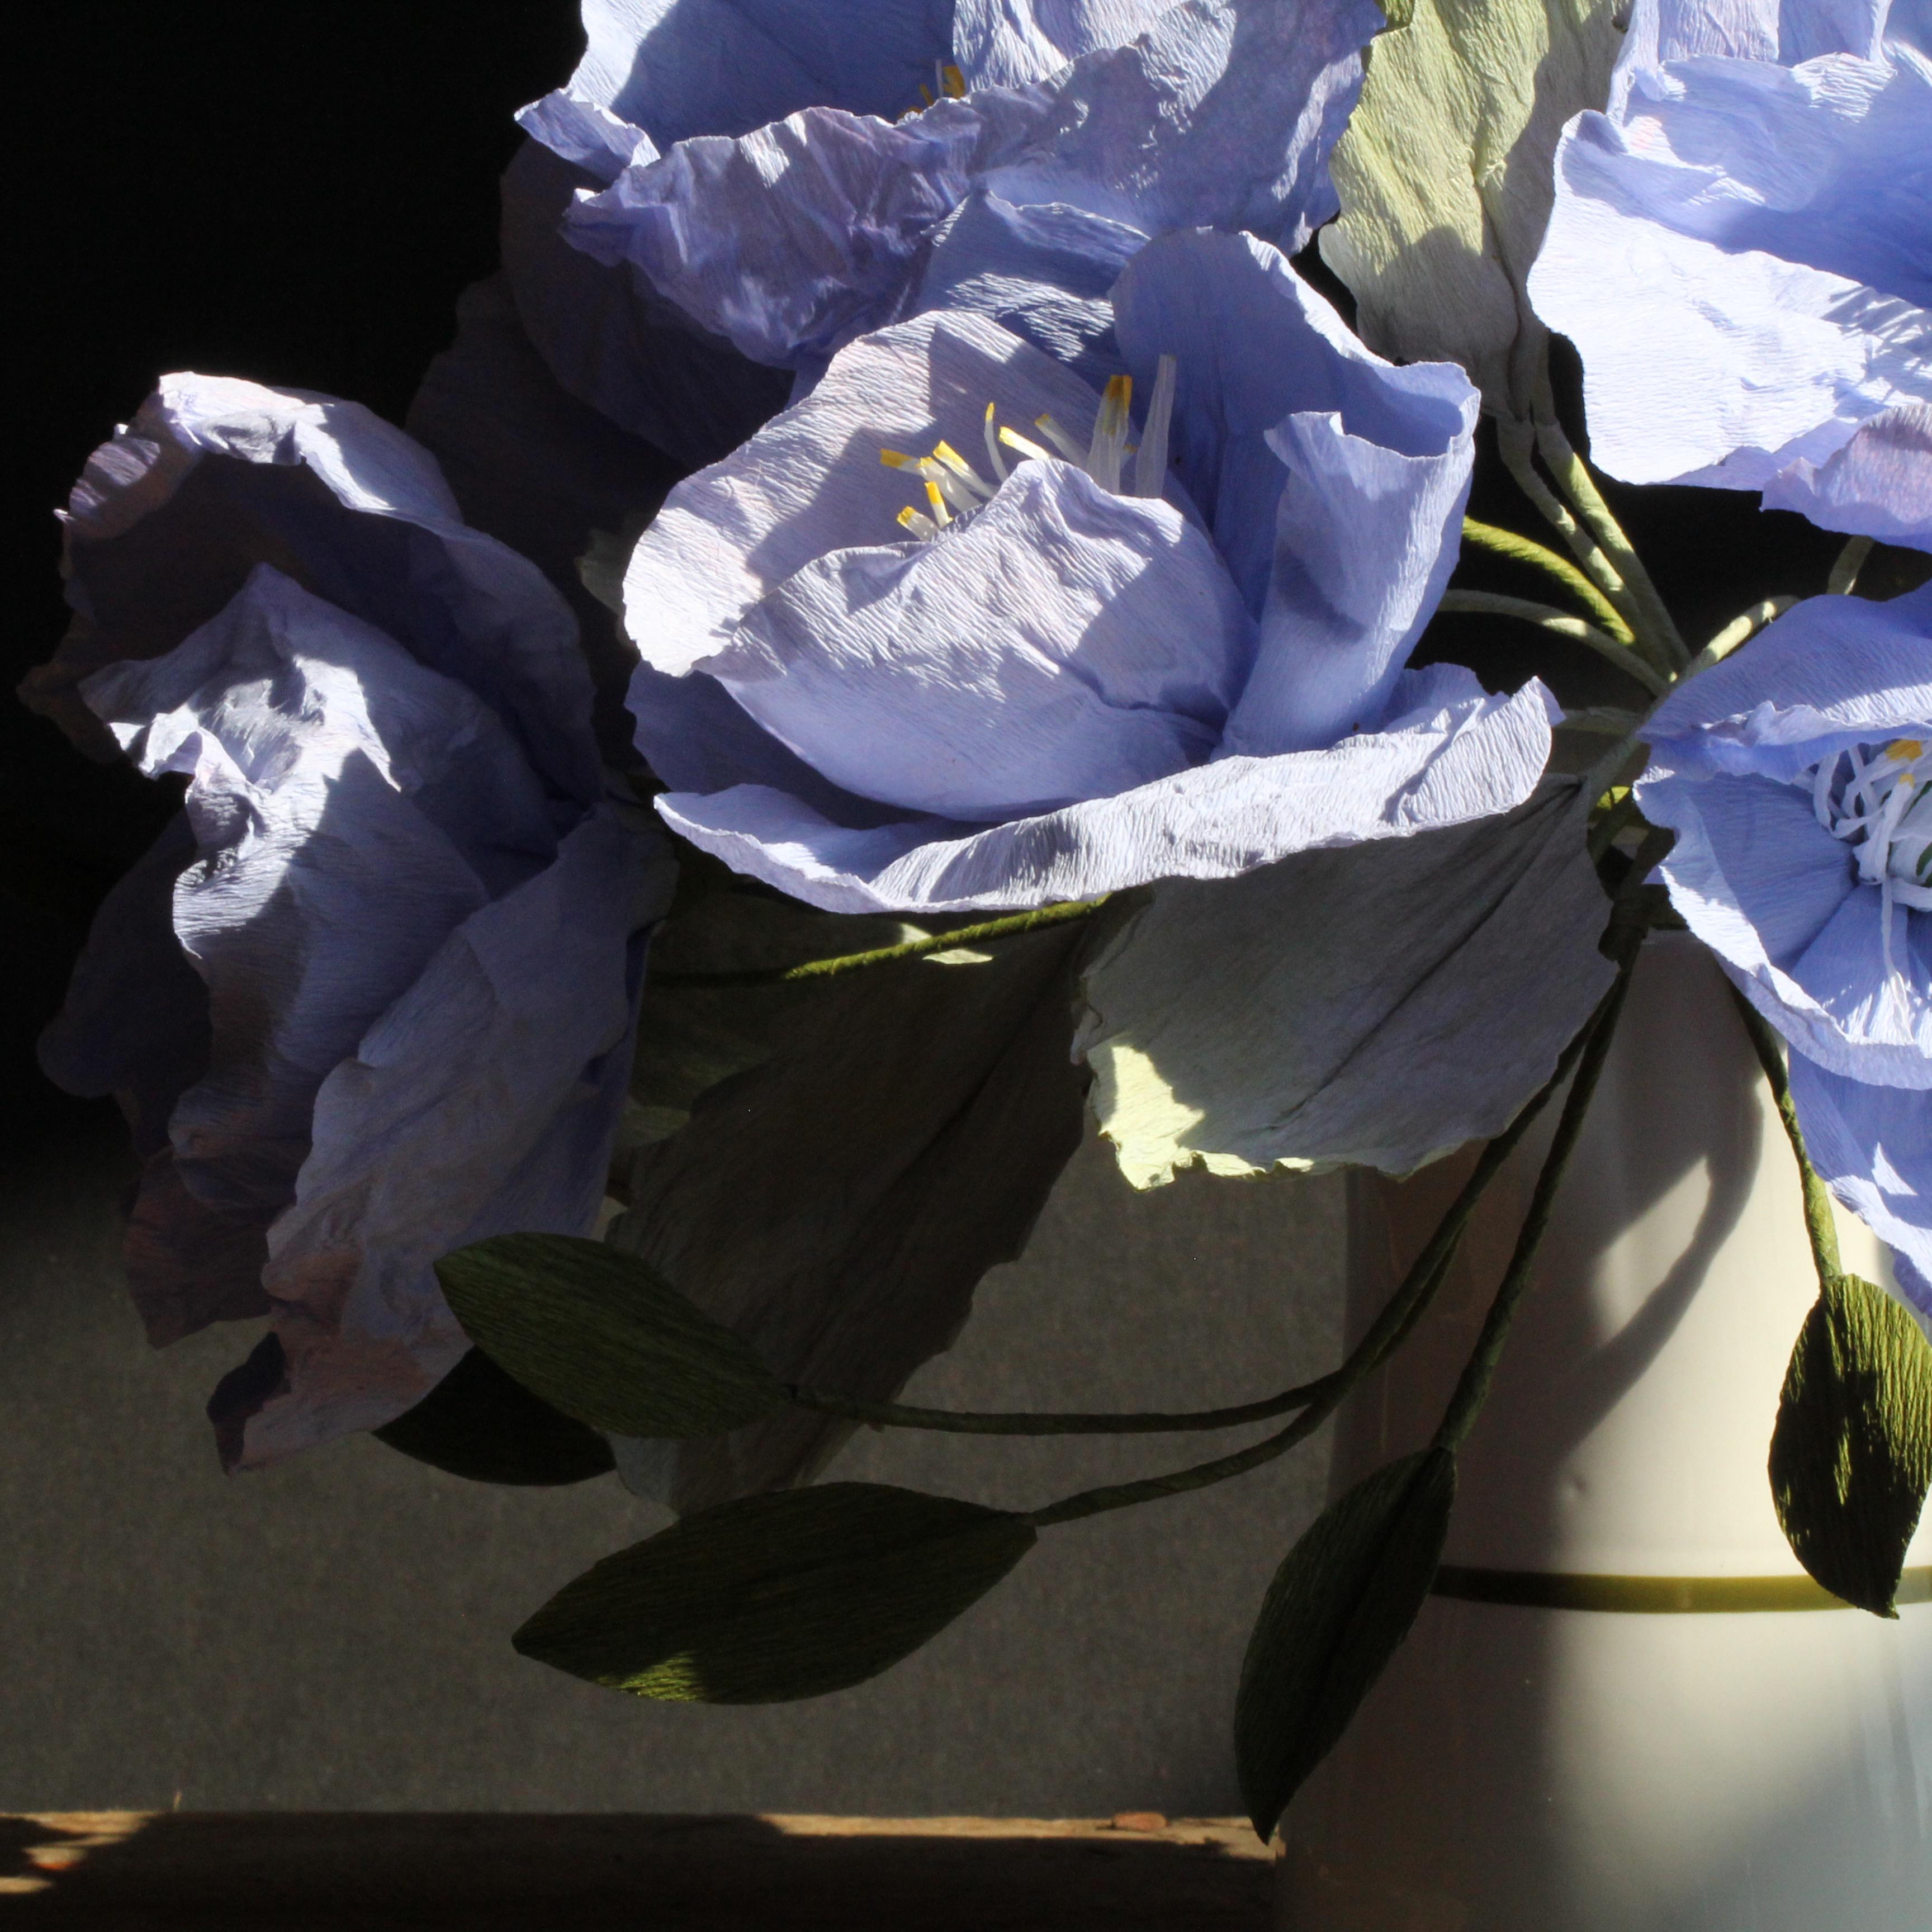 paper flower artist amity beane